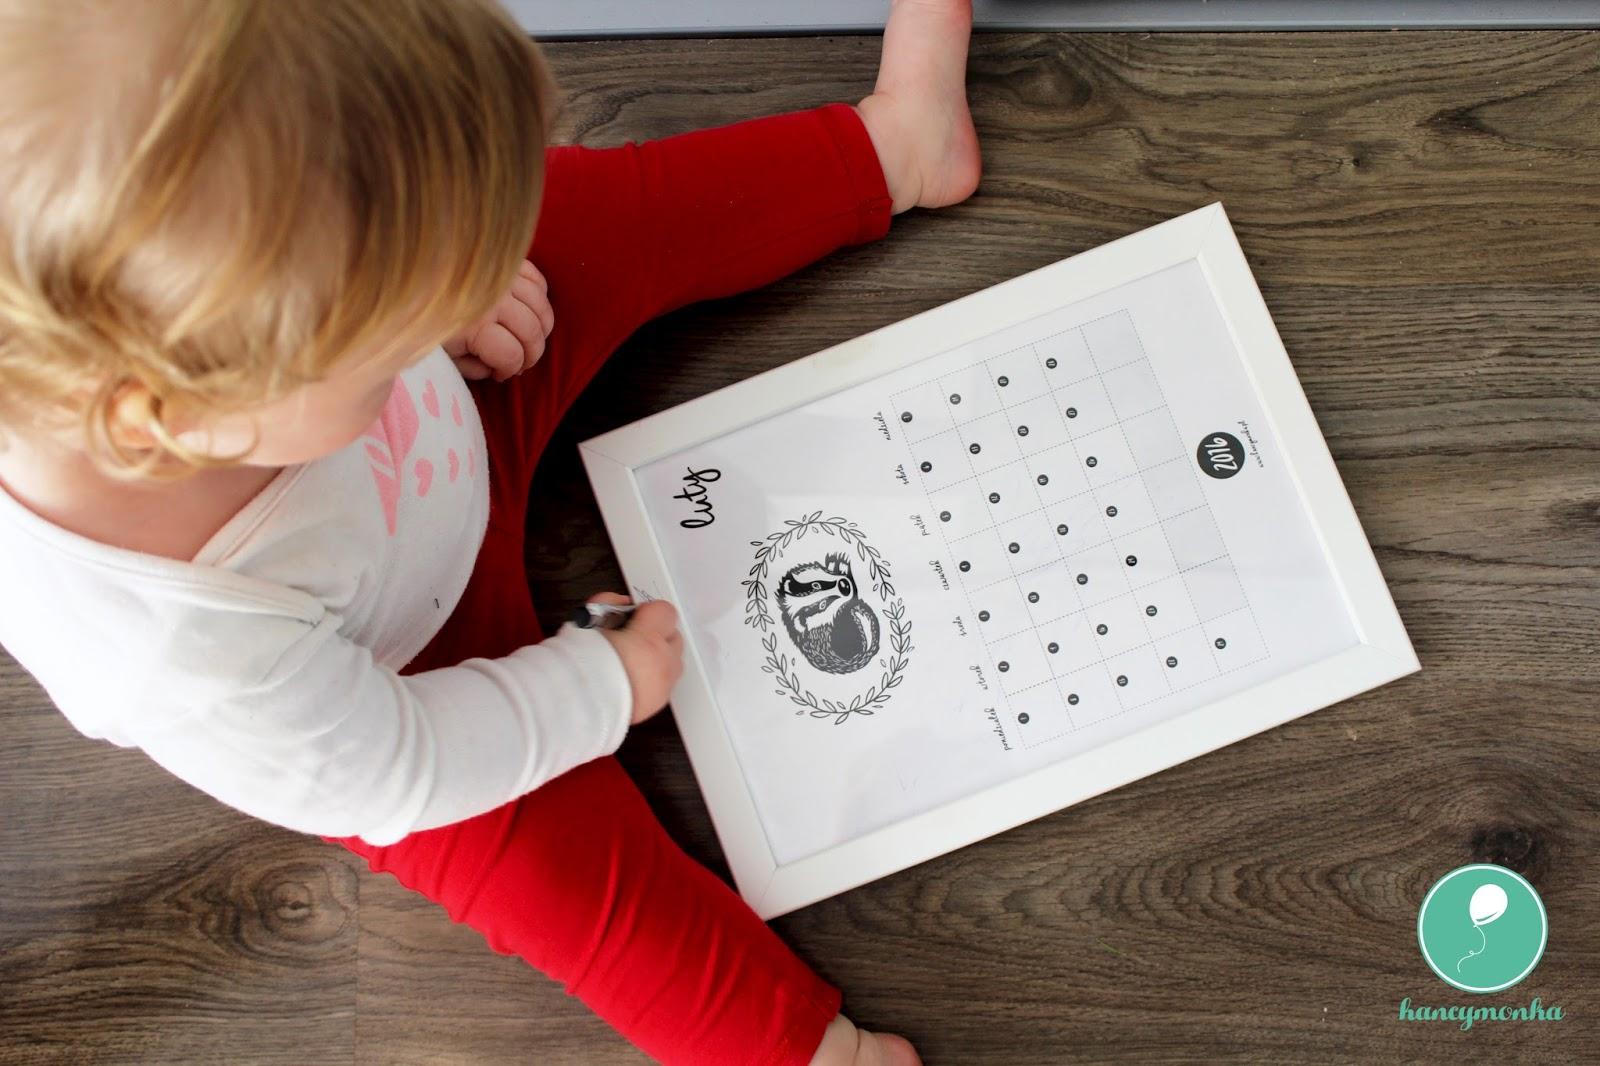 kalendarz, calendar, kalendarz 2016, calendar 2016, do druku, hancymonka, wydrukuj, pobierz, za darmo, print it, printable calendar, free, freebie, grafika